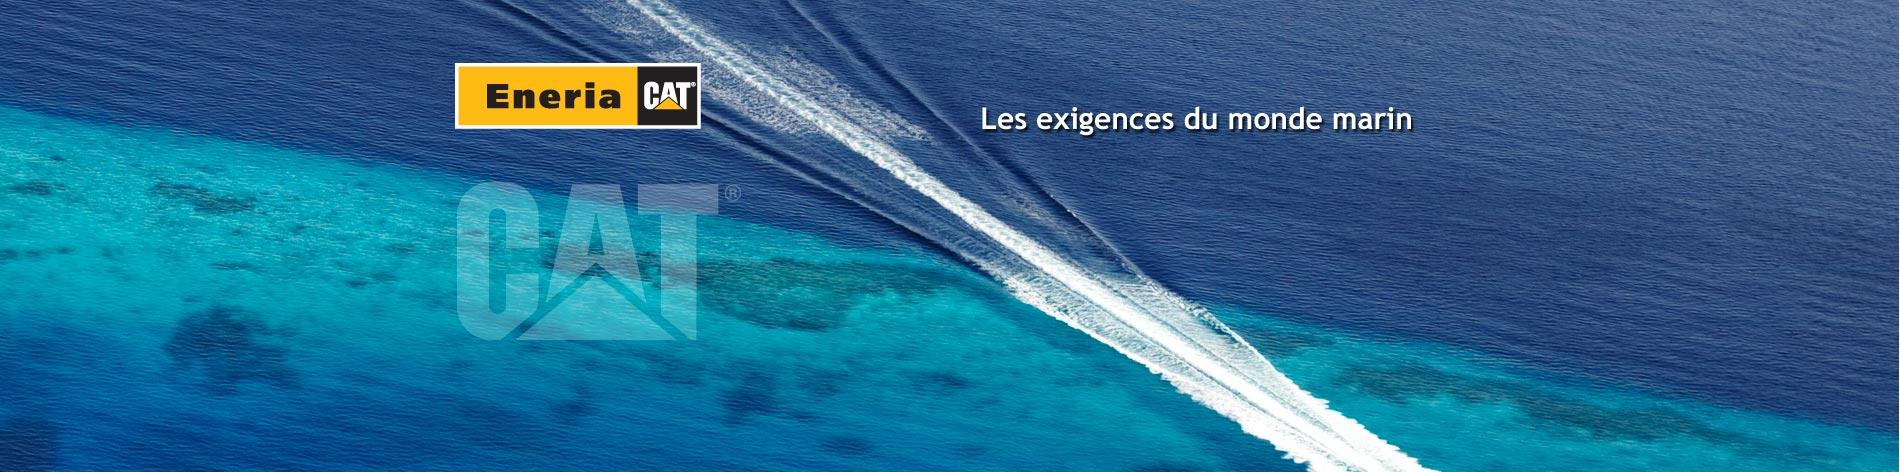 L'industrie maritime mondiale se doit de respecter des programmes visant à réduire les émissions de tous les navires diesel.